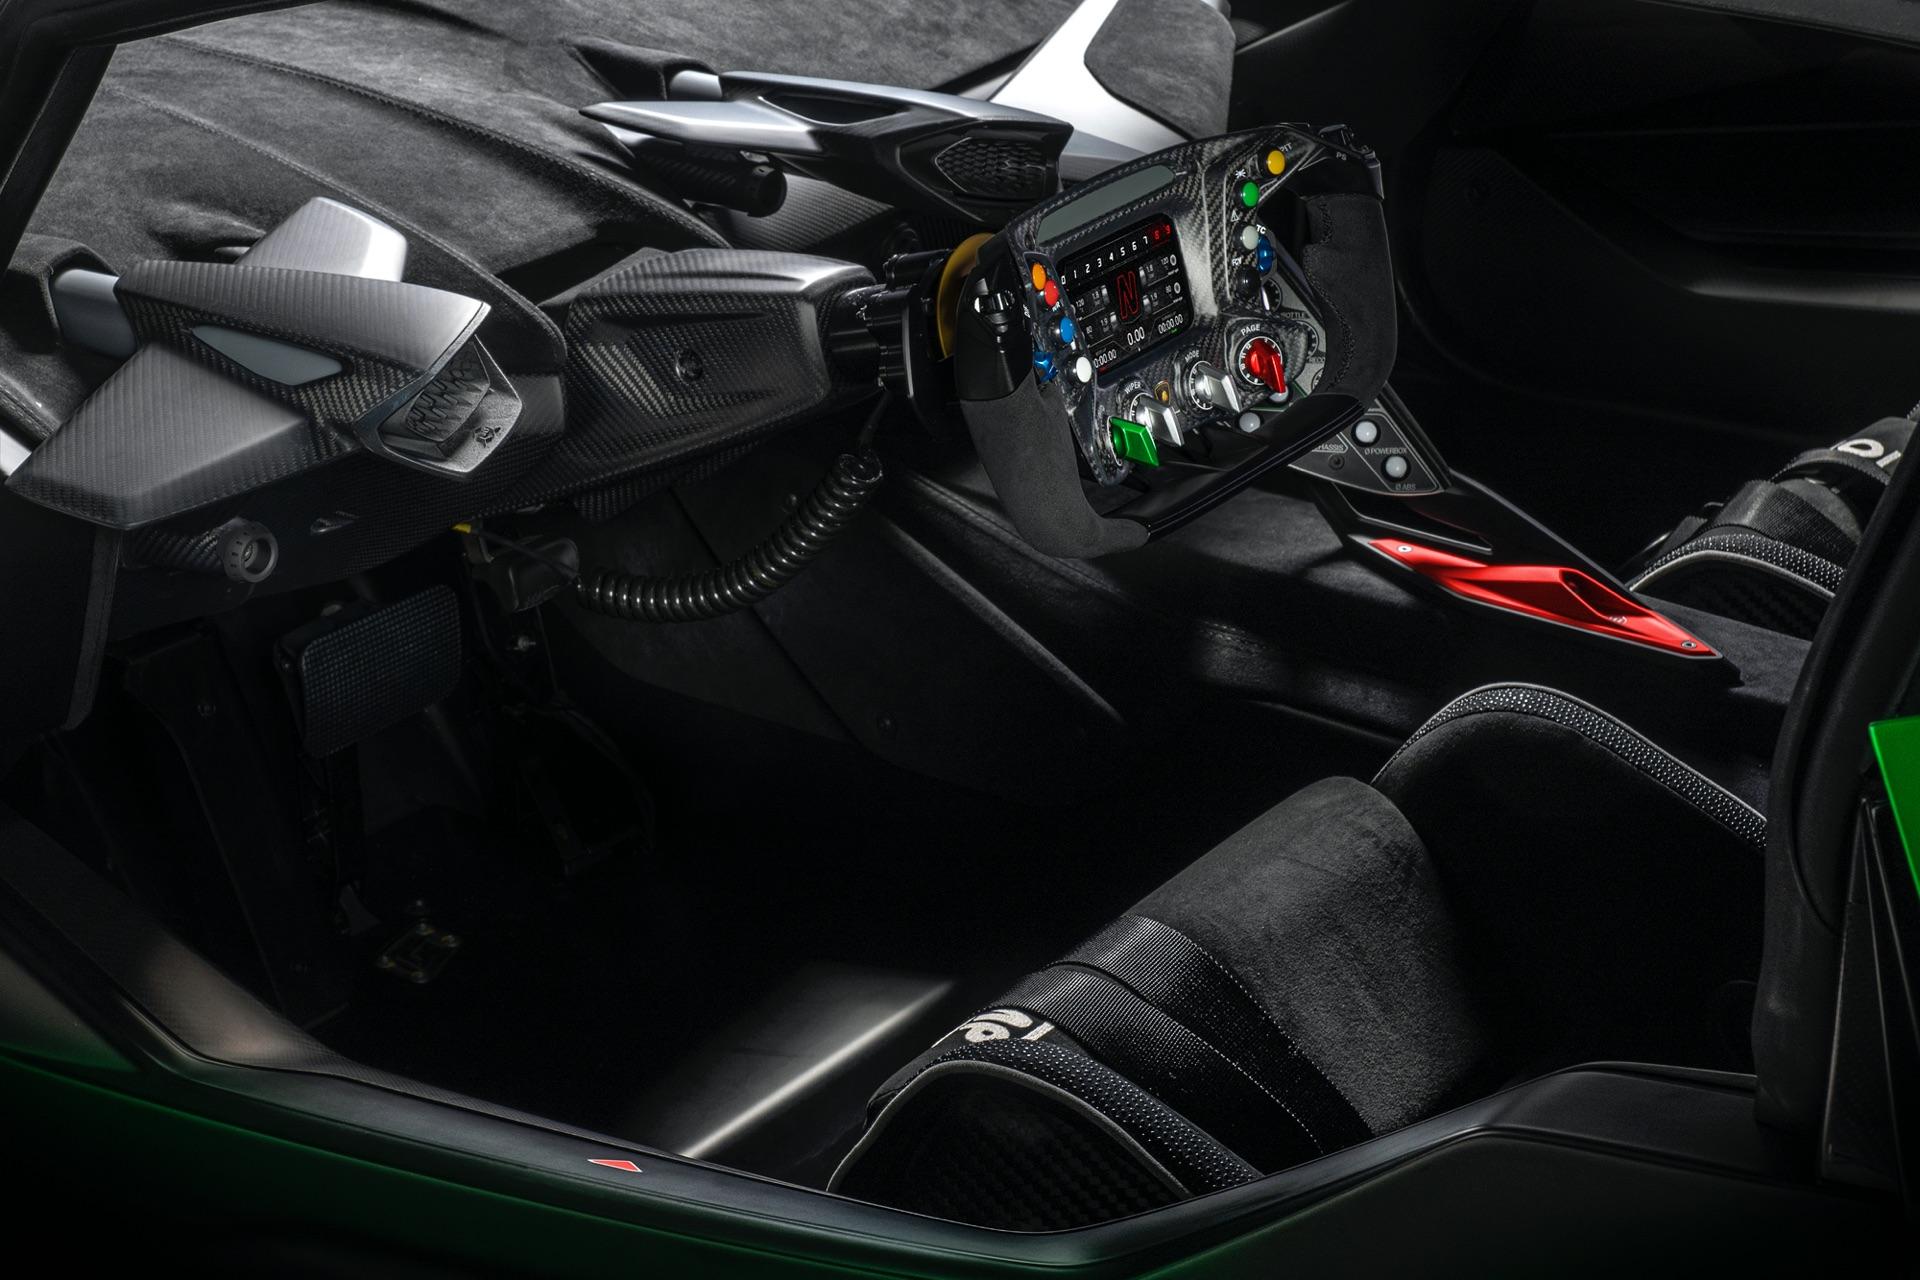 Уникальная аэродинамика достигает ошеломляющих 1200 кг прижимной силы при 250 км/ч. Внешний вид украшает большое регулируемое двухпрофильное заднее крыло, в то время как другие компоненты вдохновлены гоночными автомобилями Lamborghini Huracan.